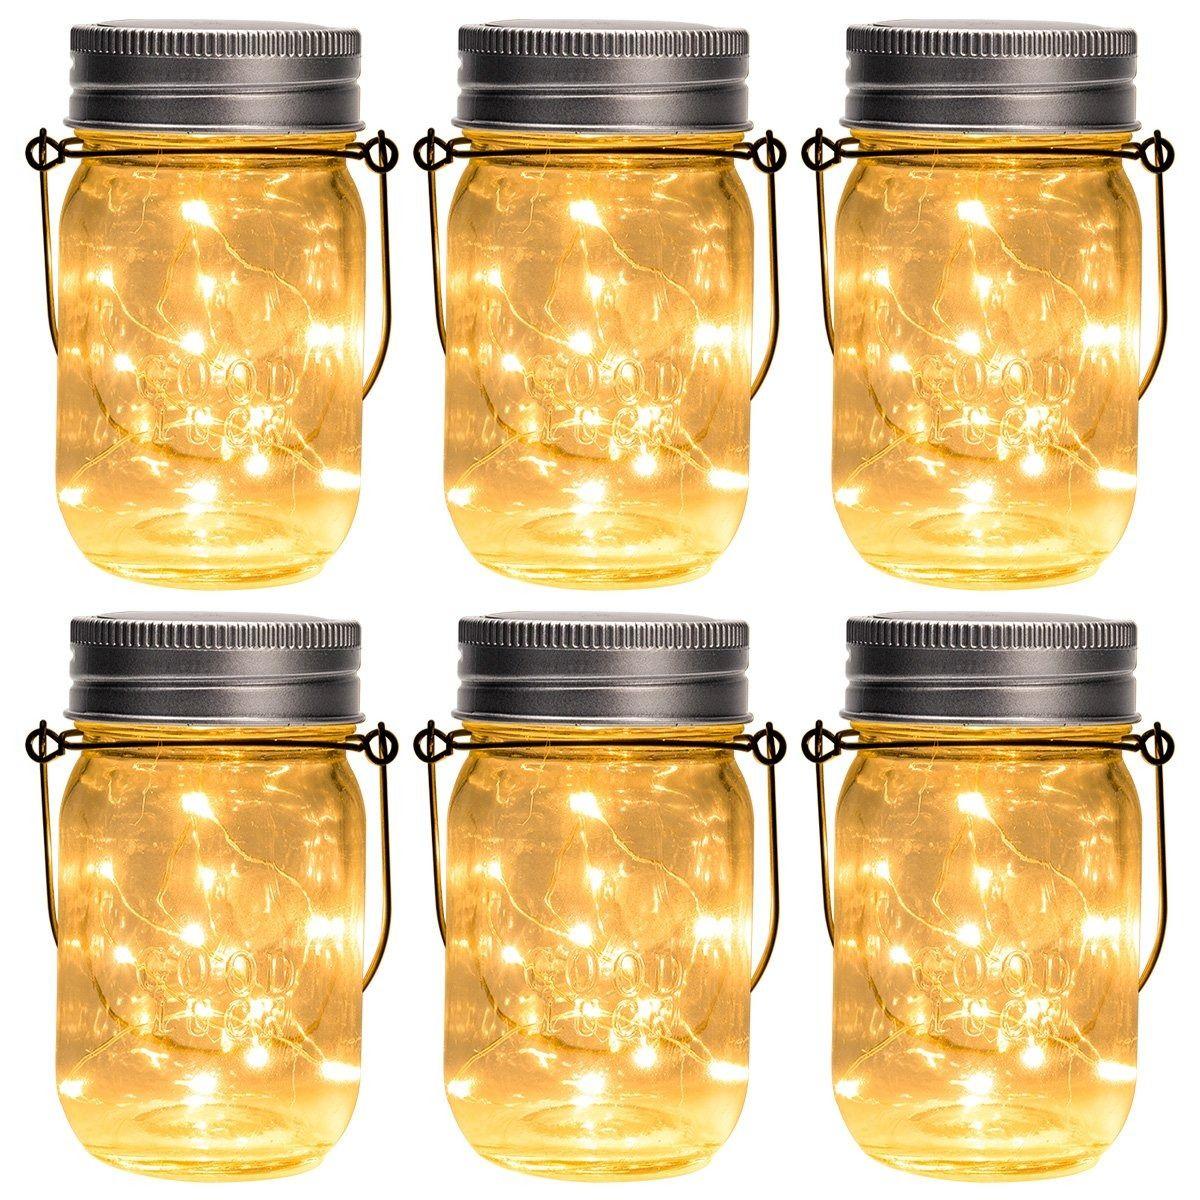 Gartendeko Gigalumi Solar Mason Jar Licht 6 Pack 15 Led Wasserdicht Solar Glas Einmachglas Warmweiss Garten Hangeleuch In 2020 Solar Hangelampen Mason Jars Hangeleuchte